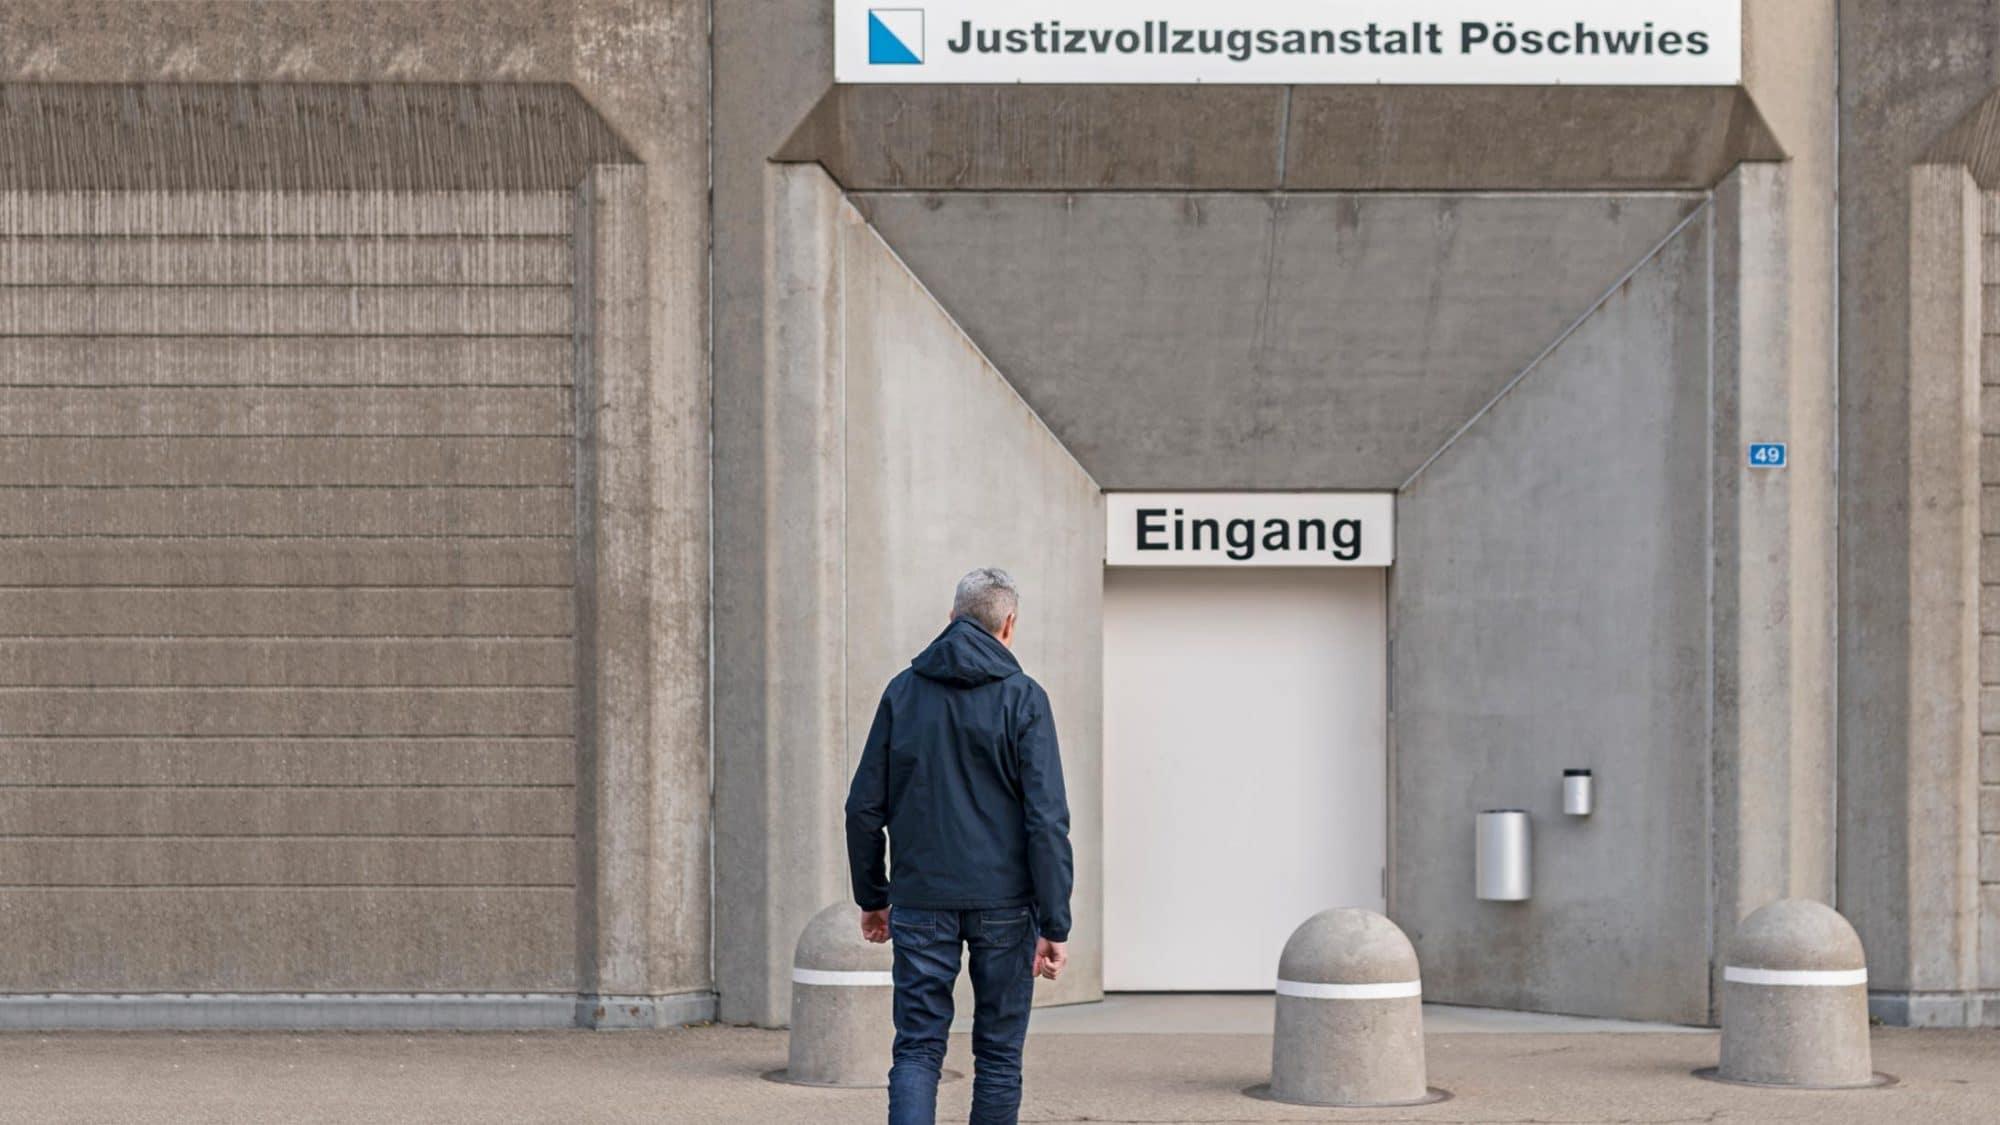 Reportage: Fabian vor der Justizvollzugsanstalt Pöschwies